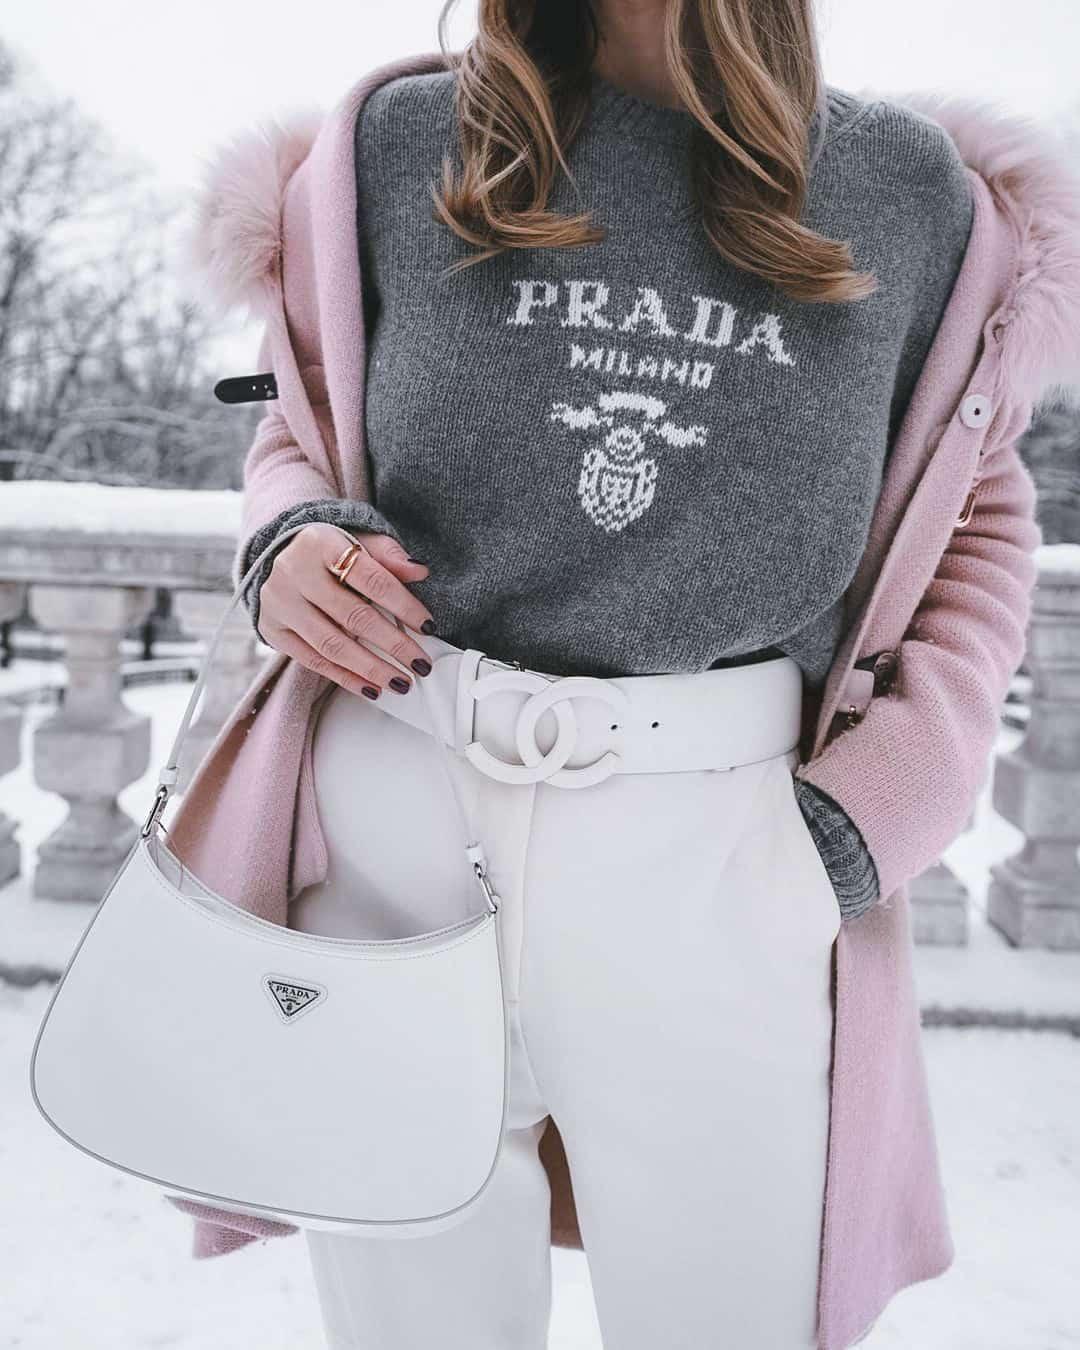 Prada Cleo Bag Styled